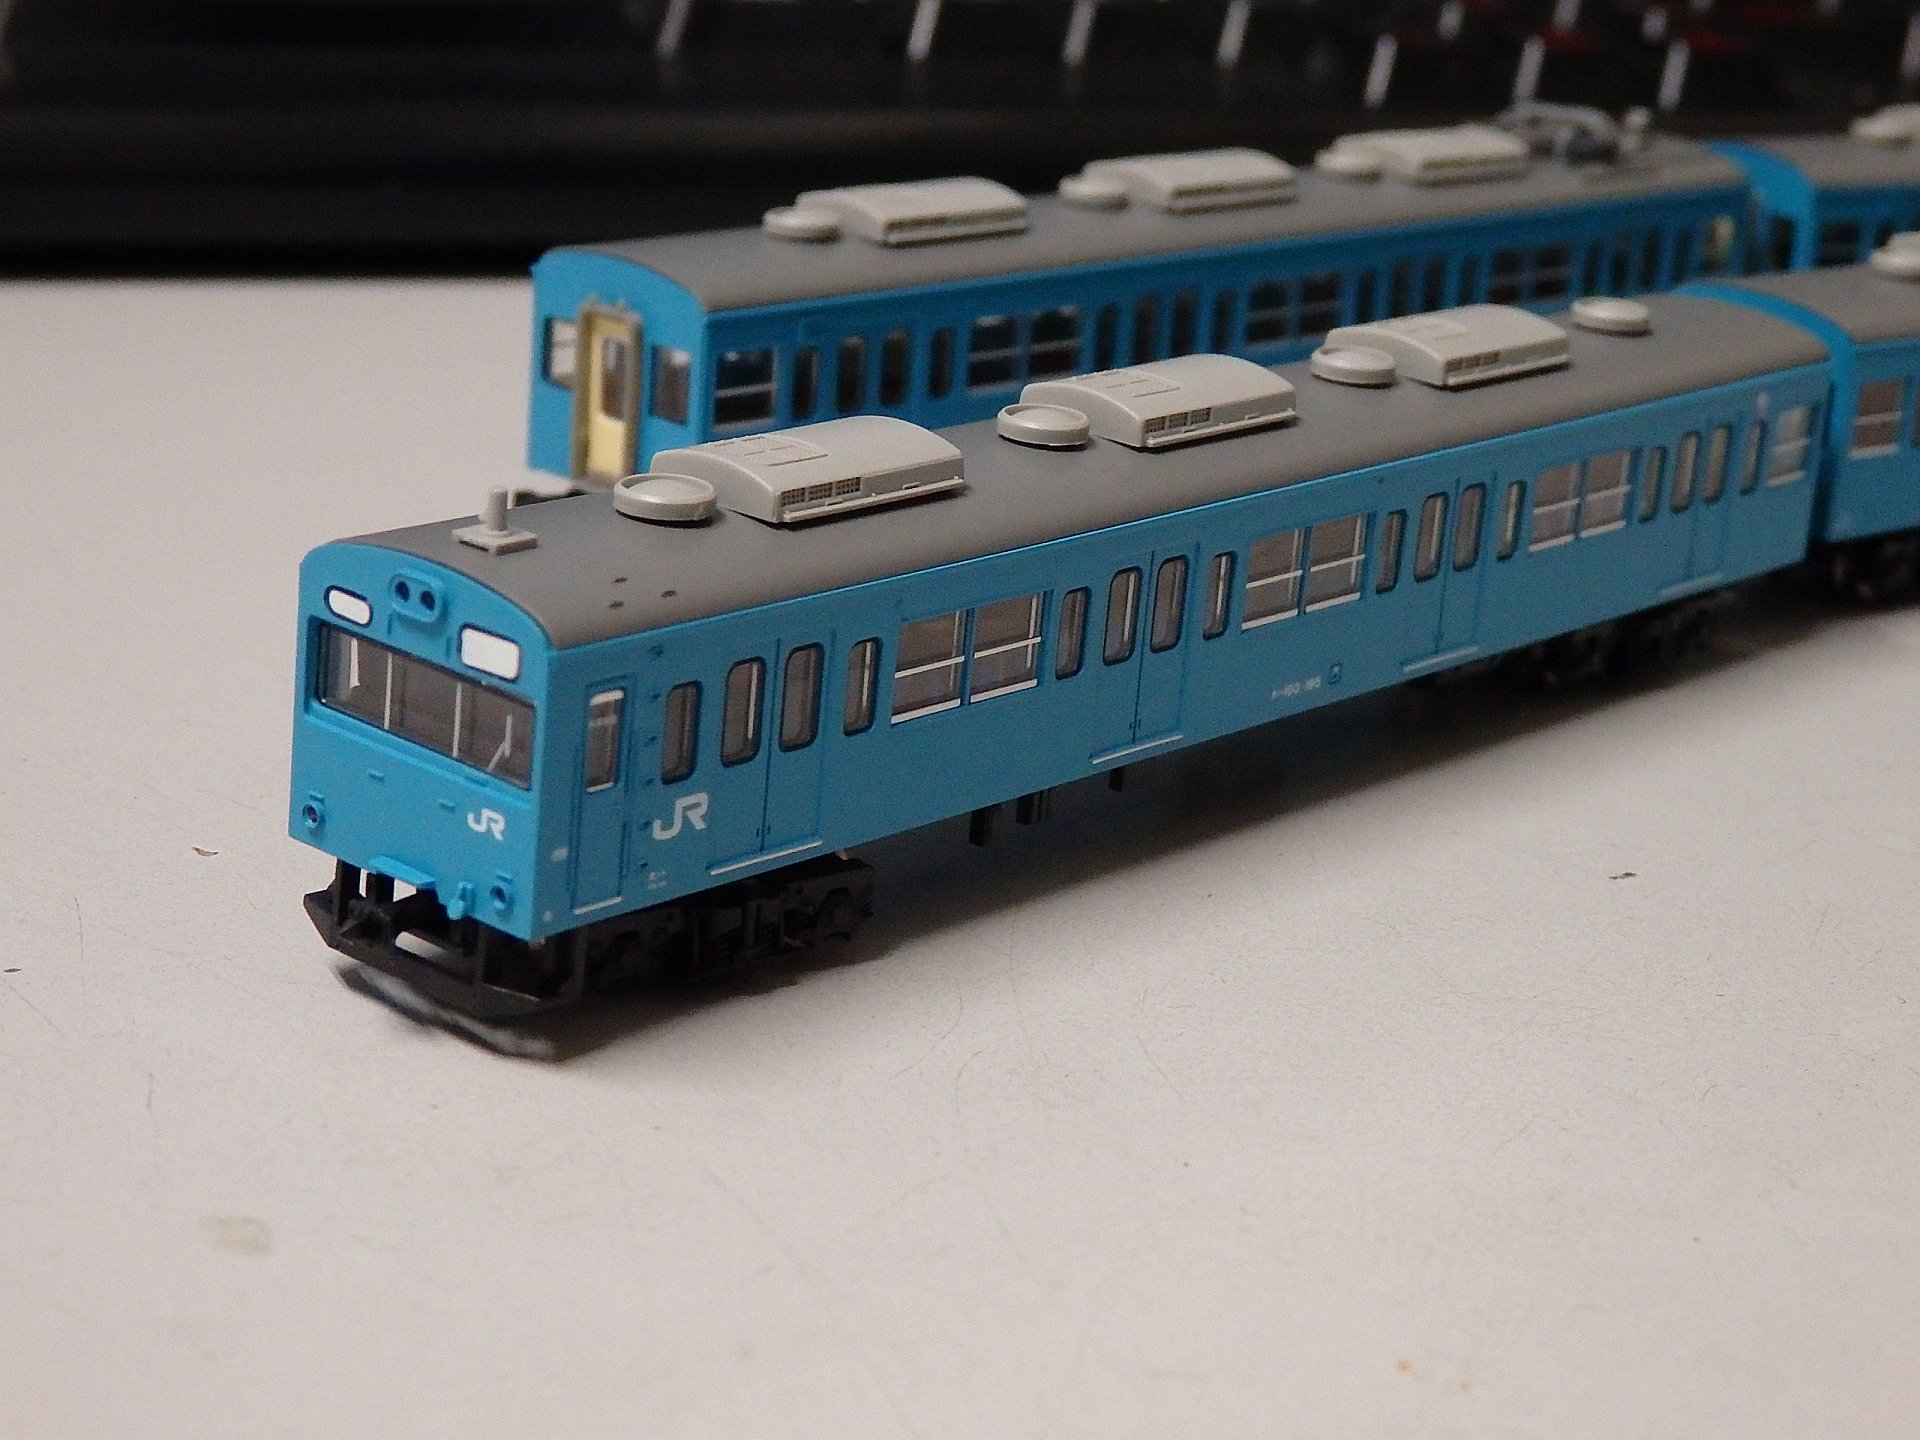 秋葉原のヨドバシカメラで購入した103系阪和線分散クーラー編成です。